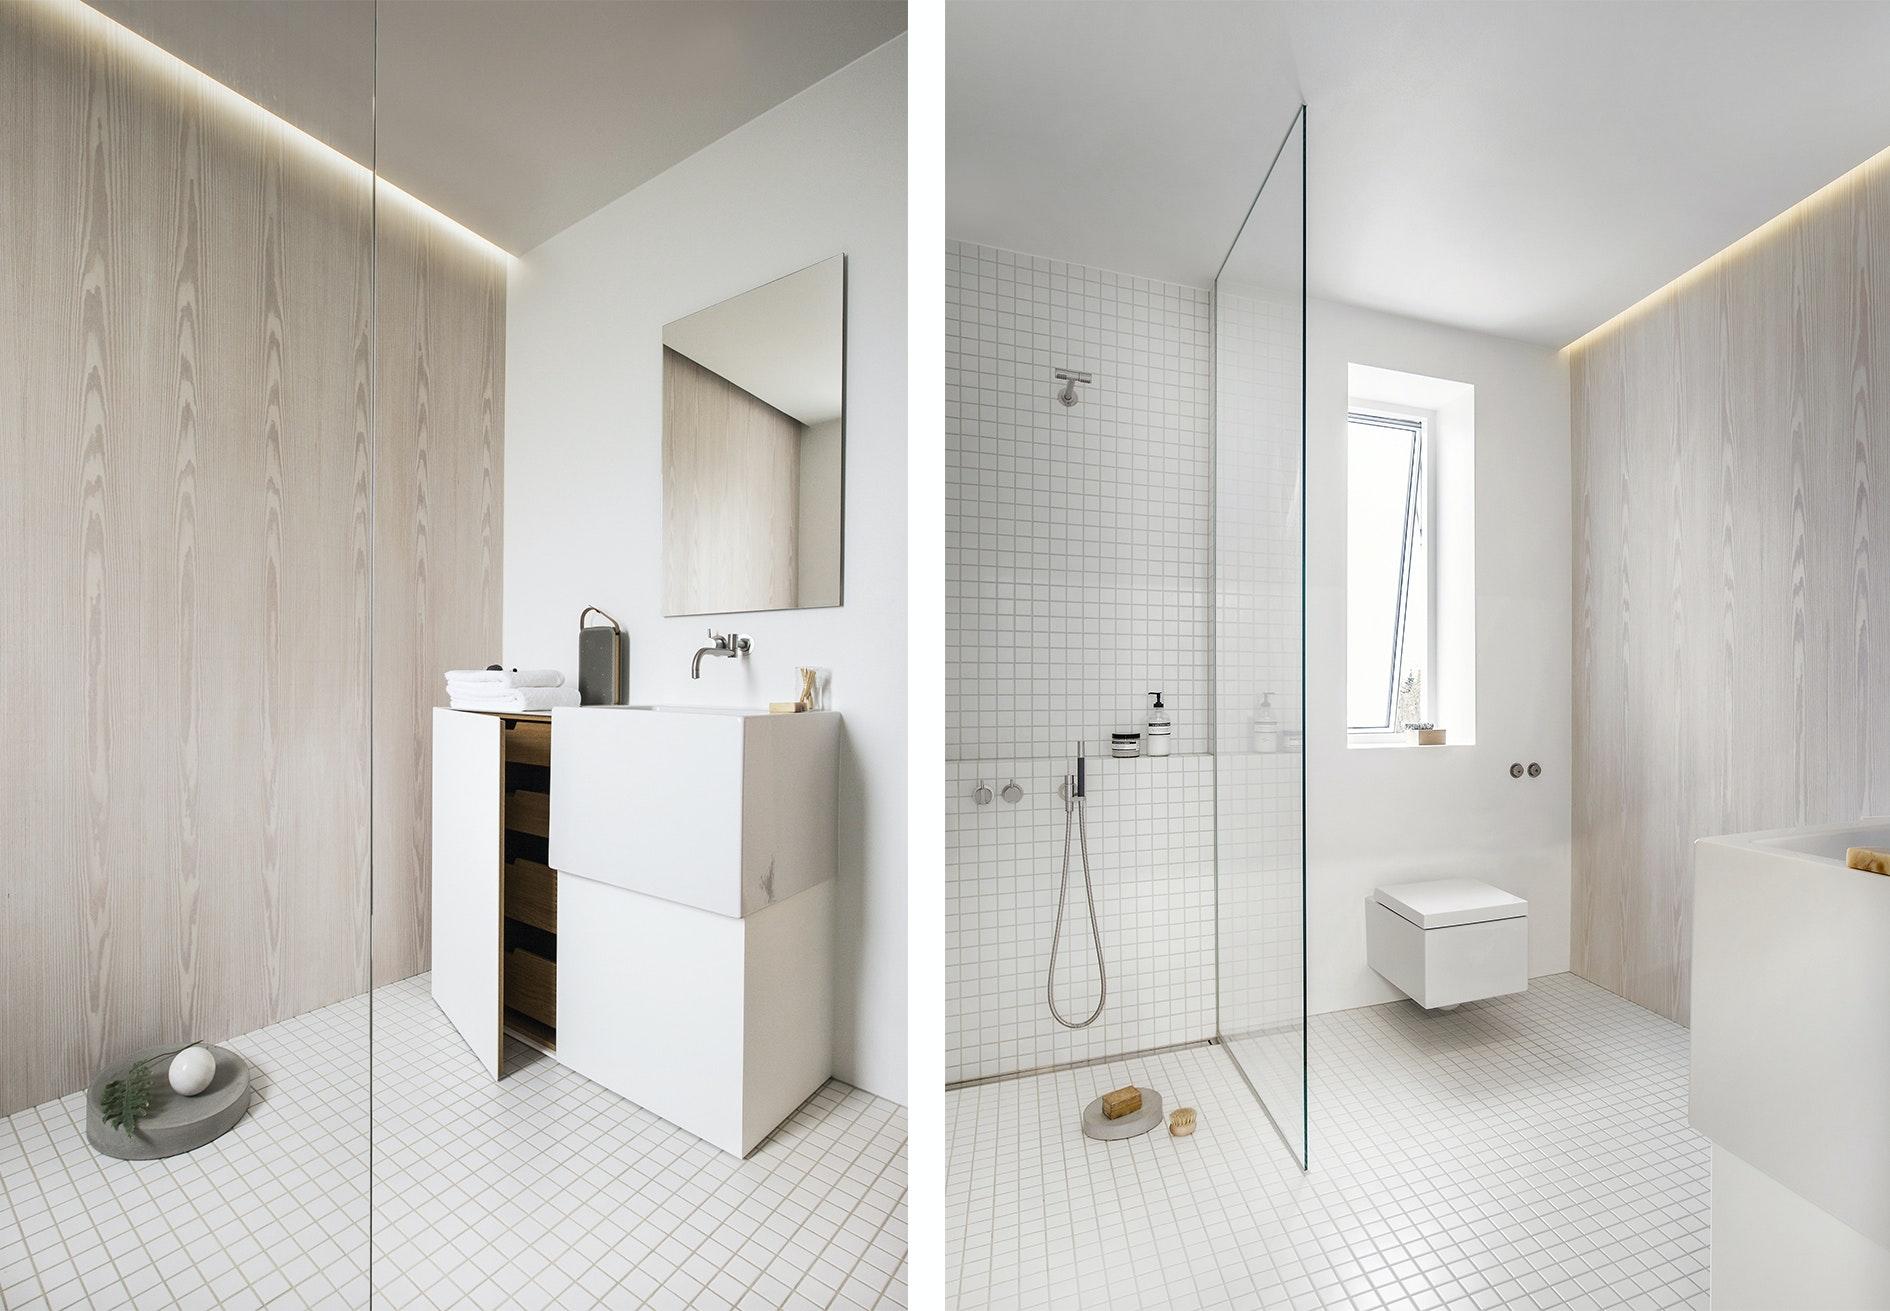 badeværelse hvidt lyst brusekabine toilet toiletmøbel